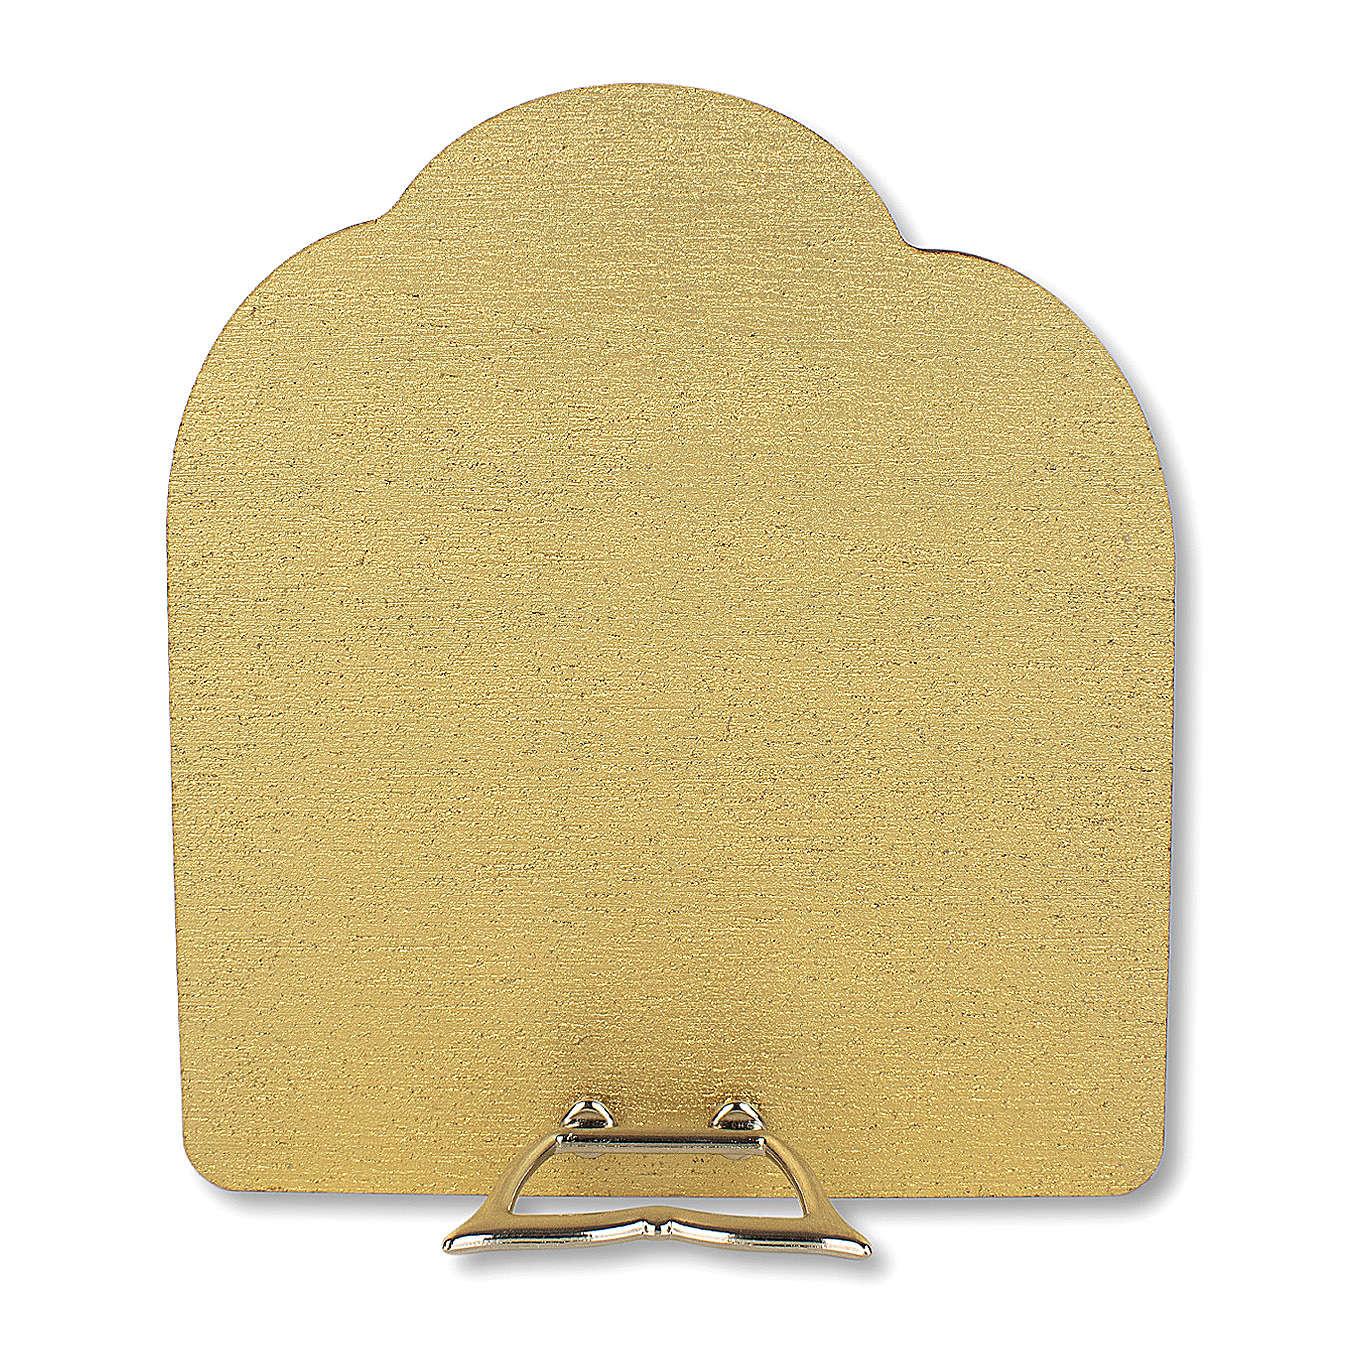 Bonbonnière souvenir Communion Arbre de la vie avec Garçon et Calice 10,5x9,5 cm 3